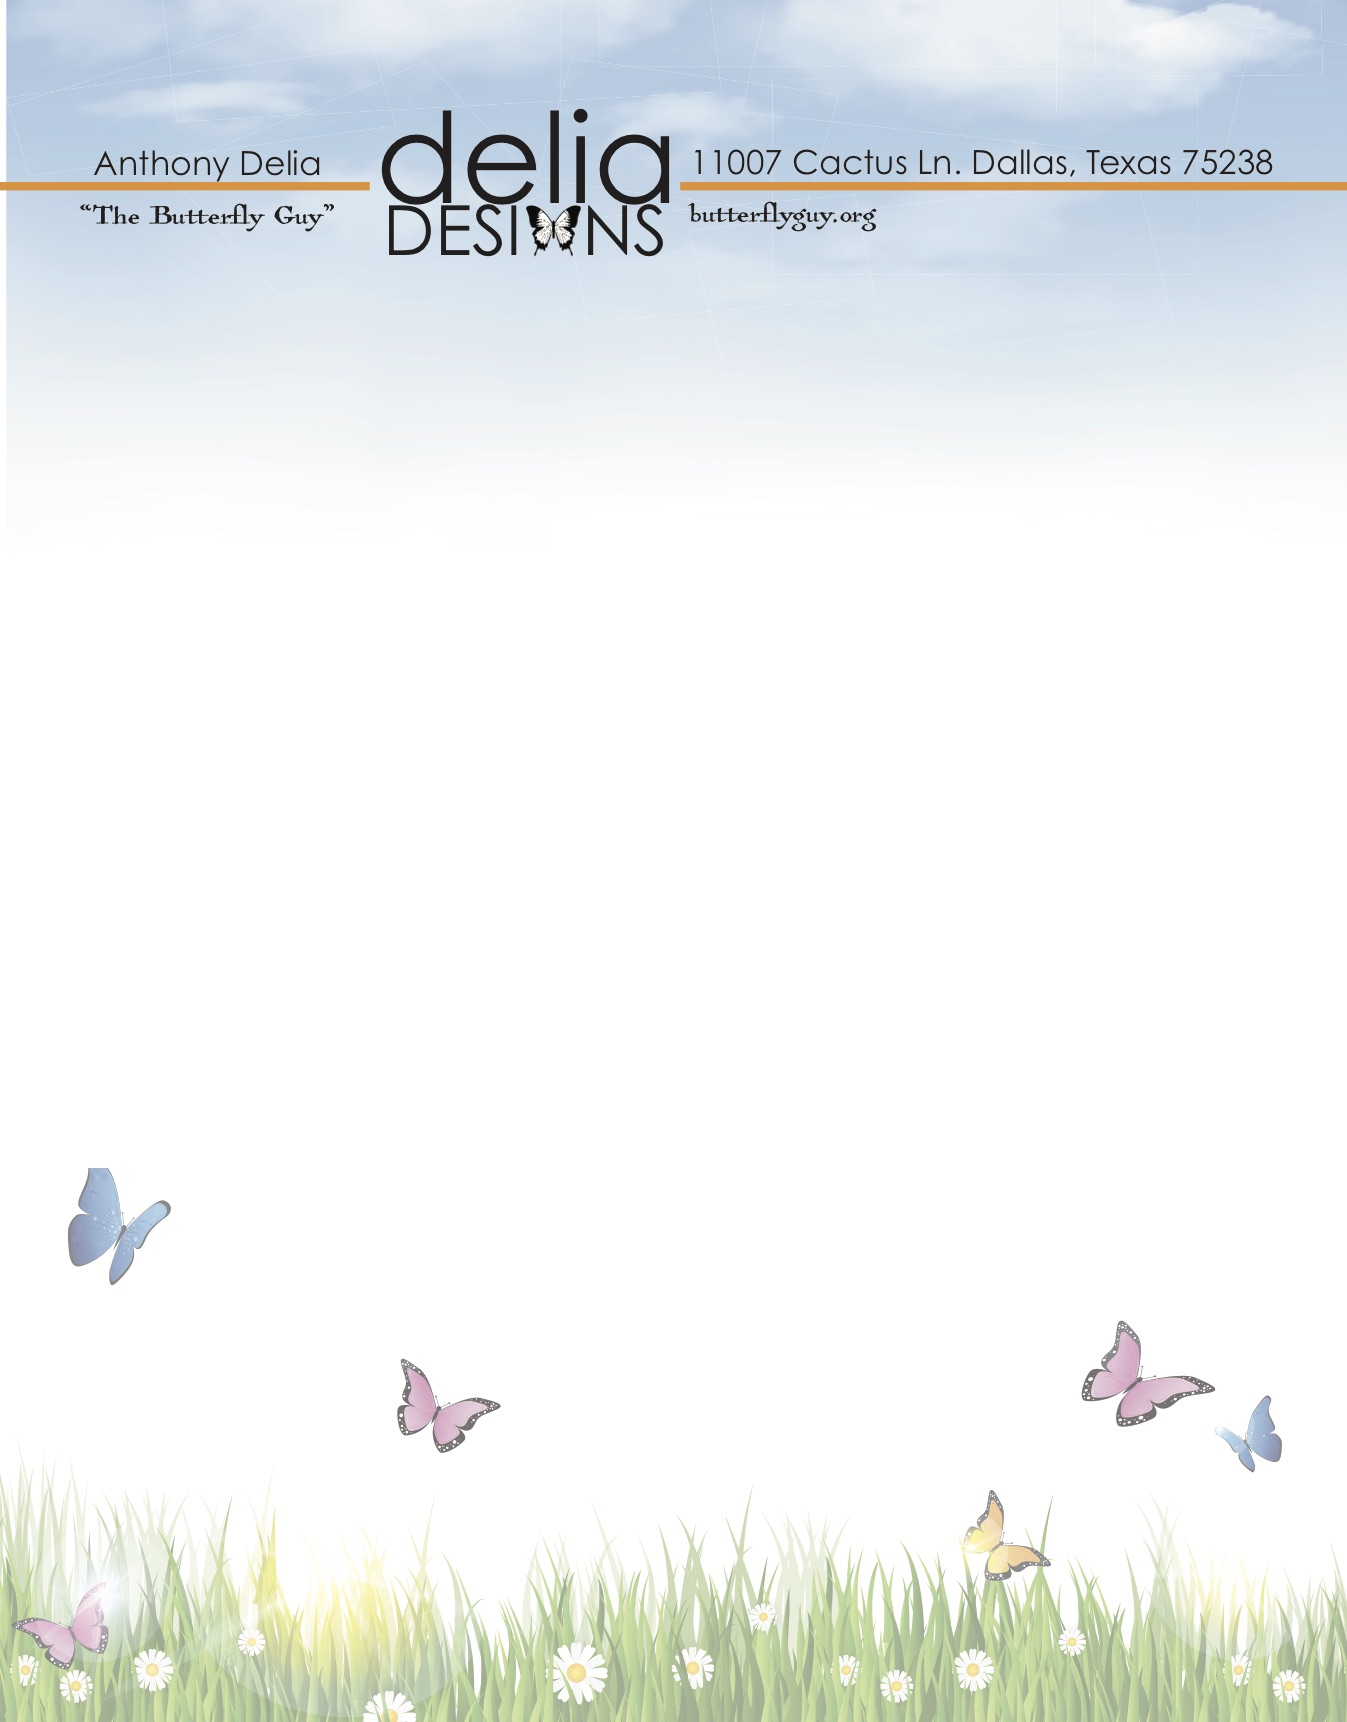 Delia Designs Letterhead